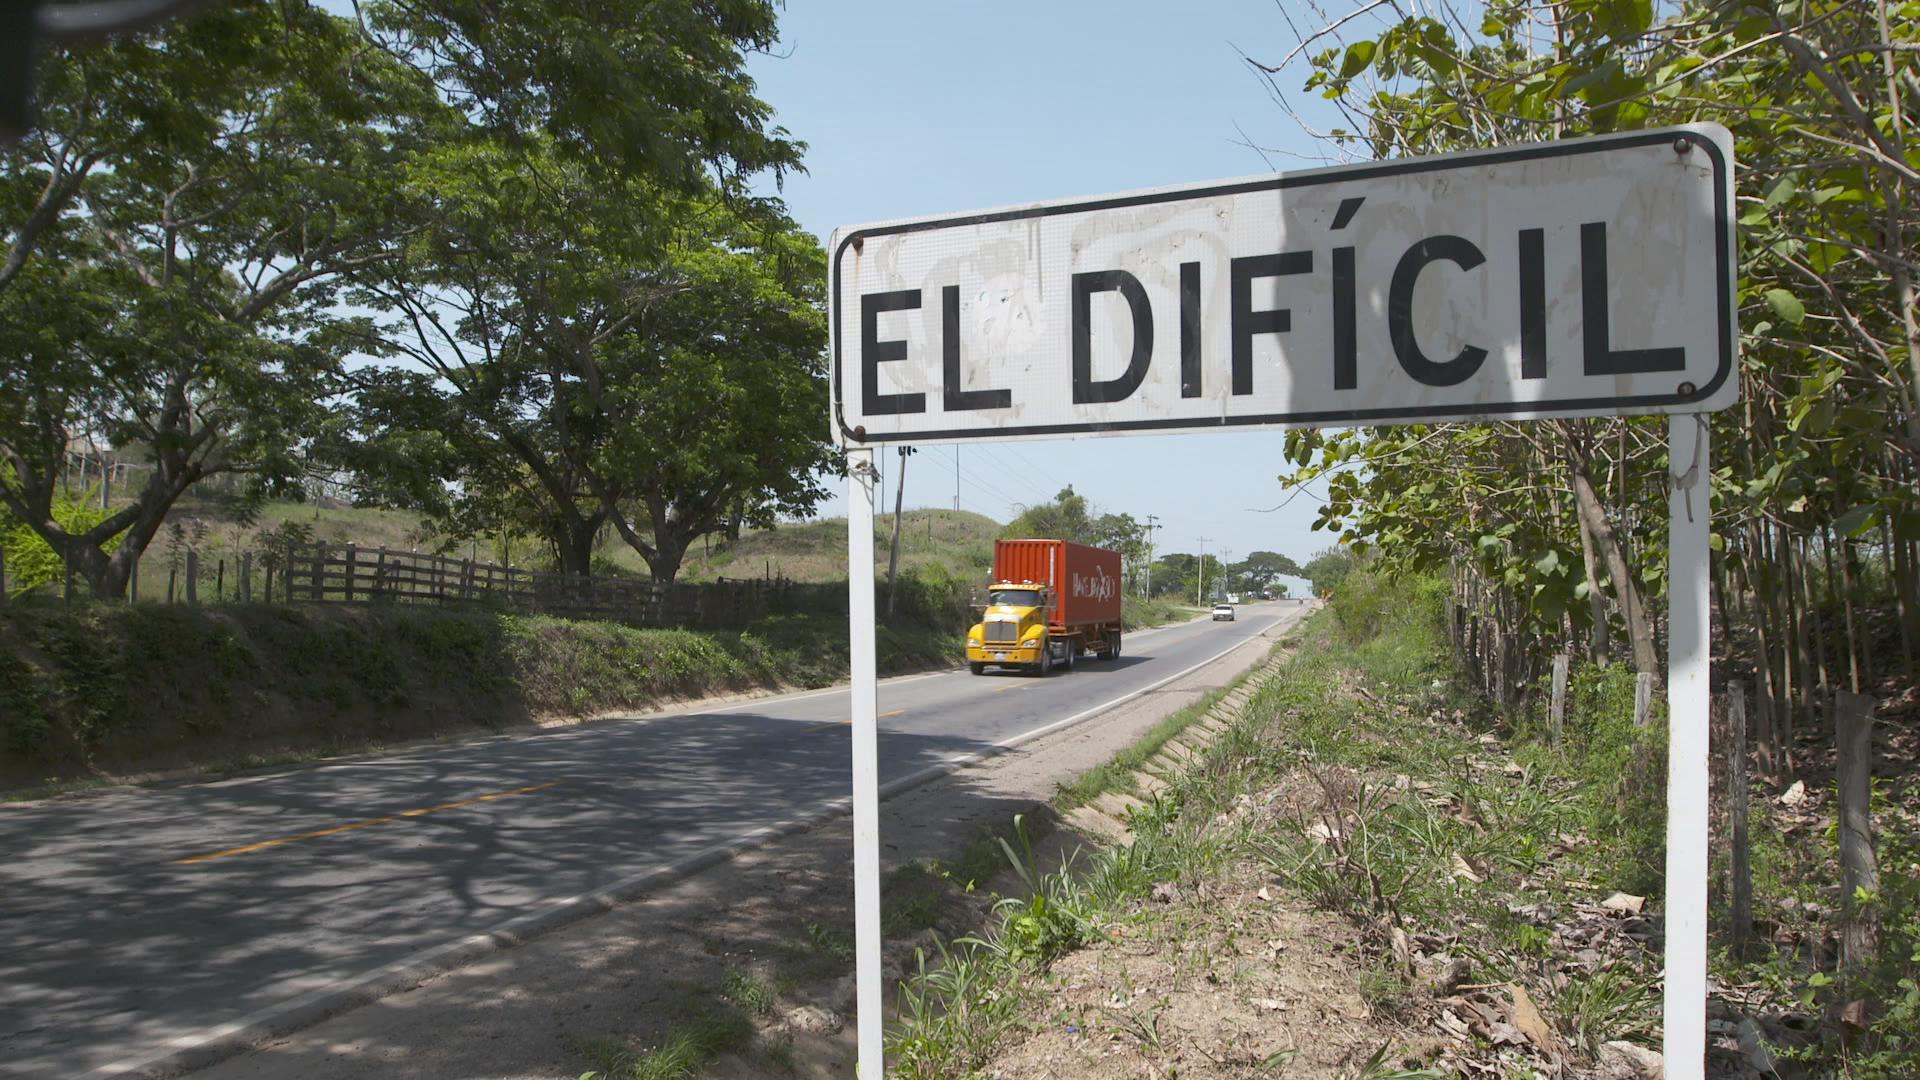 El Dificil, Magdalena, where Dilia lives